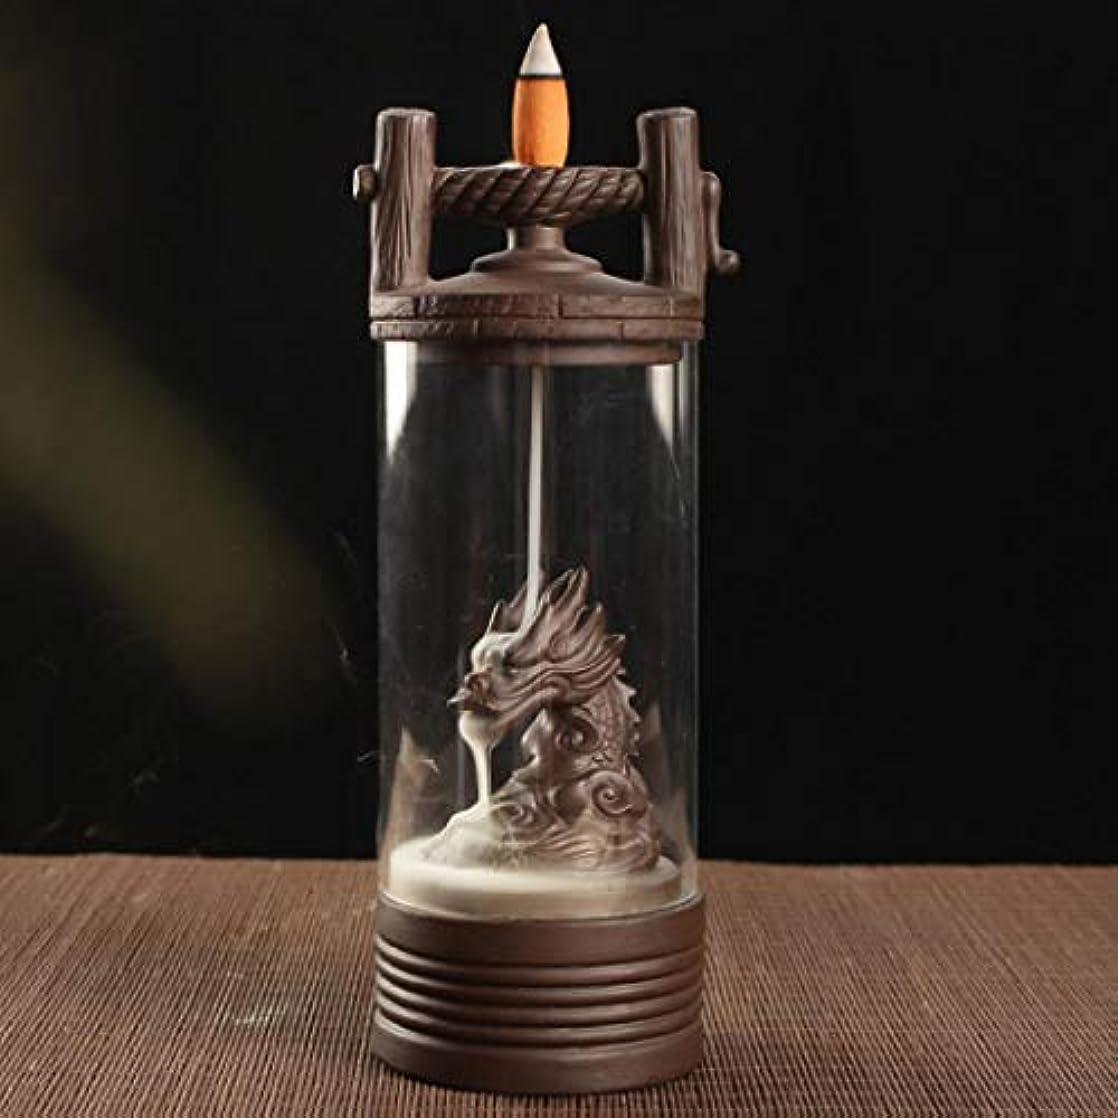 保育園概要ショップAlenx ドラゴン 逆流香立て 家庭用香炉 逆流香10個付き 陶器香炉 香炉 ブラウン USZVTBO644722